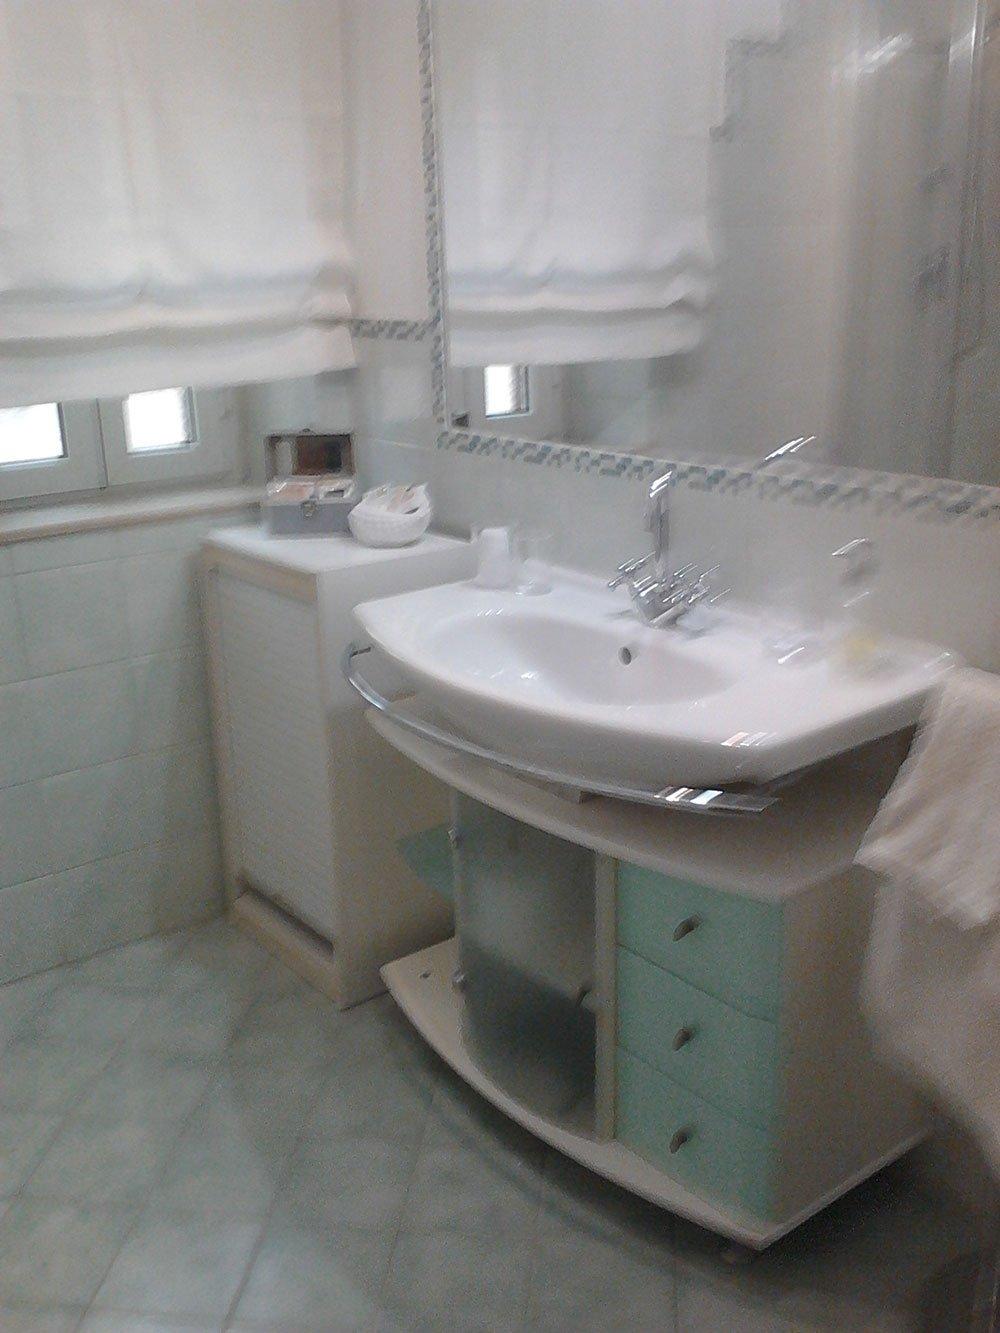 vista del lavabo e di uno specchio in un bagno